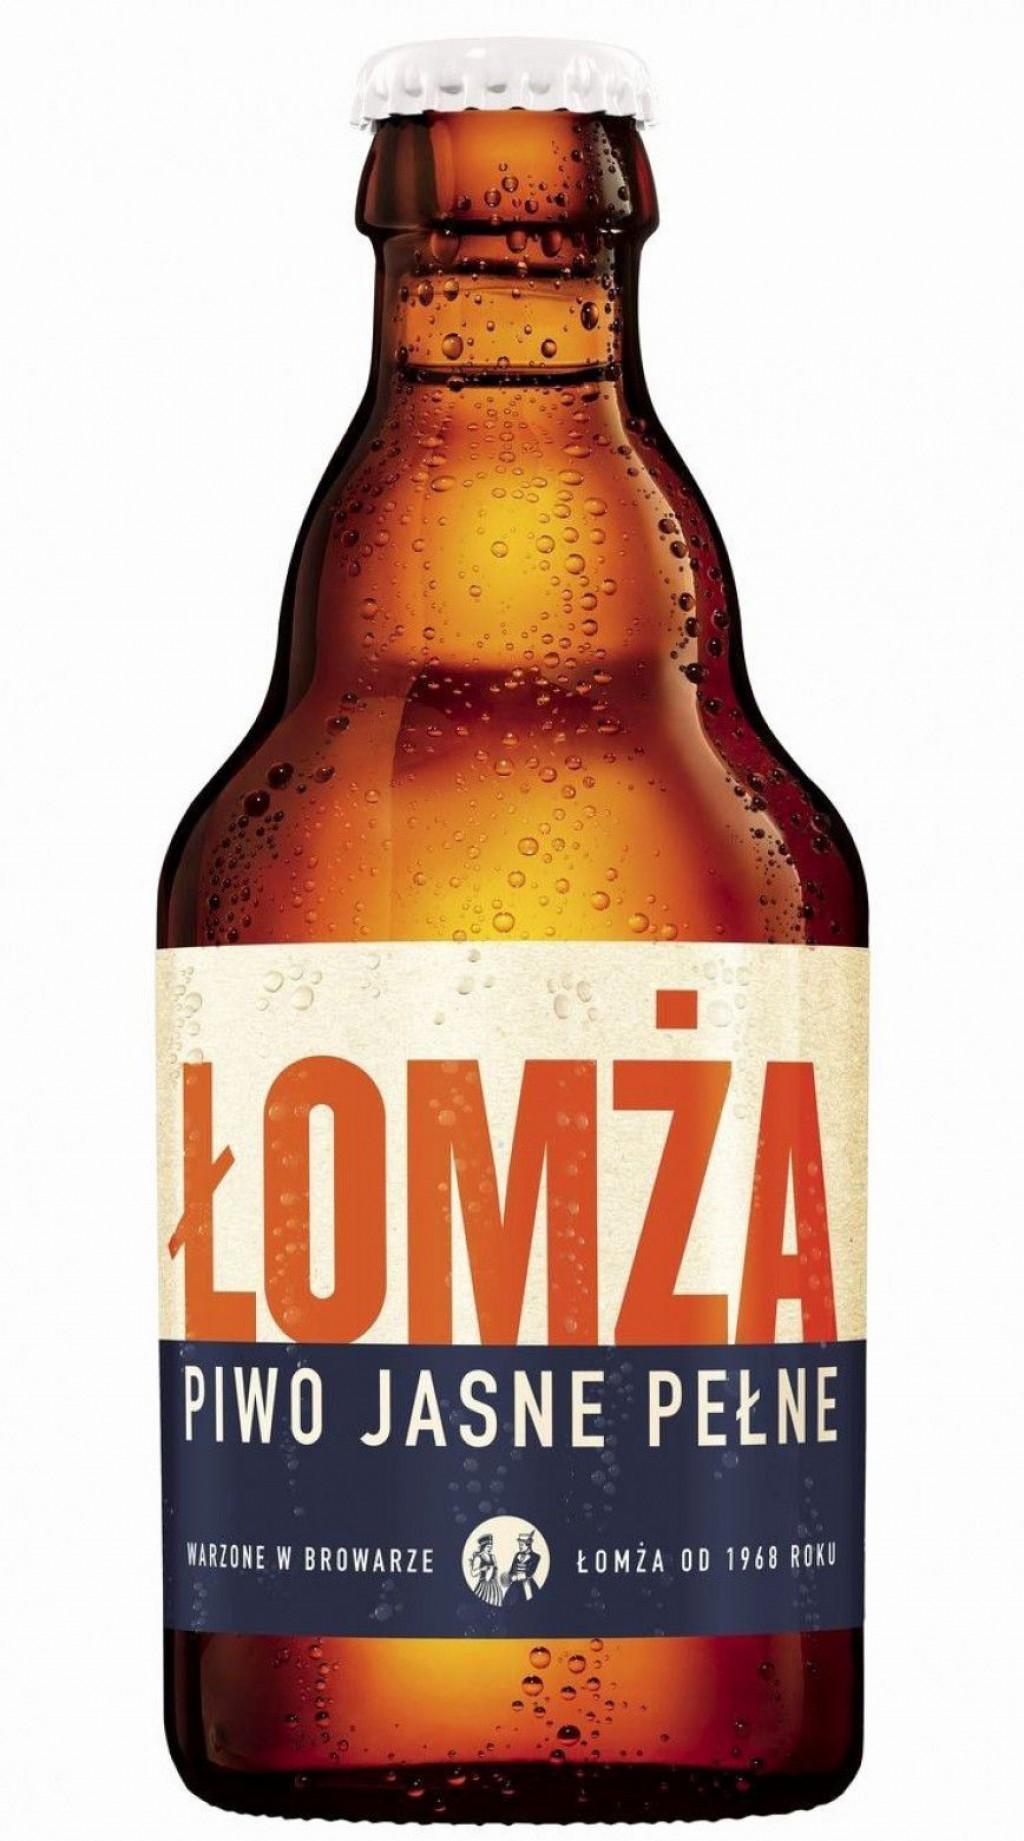 002 Shocking Beer Bottle Label Template Word Inspiration  FreeLarge